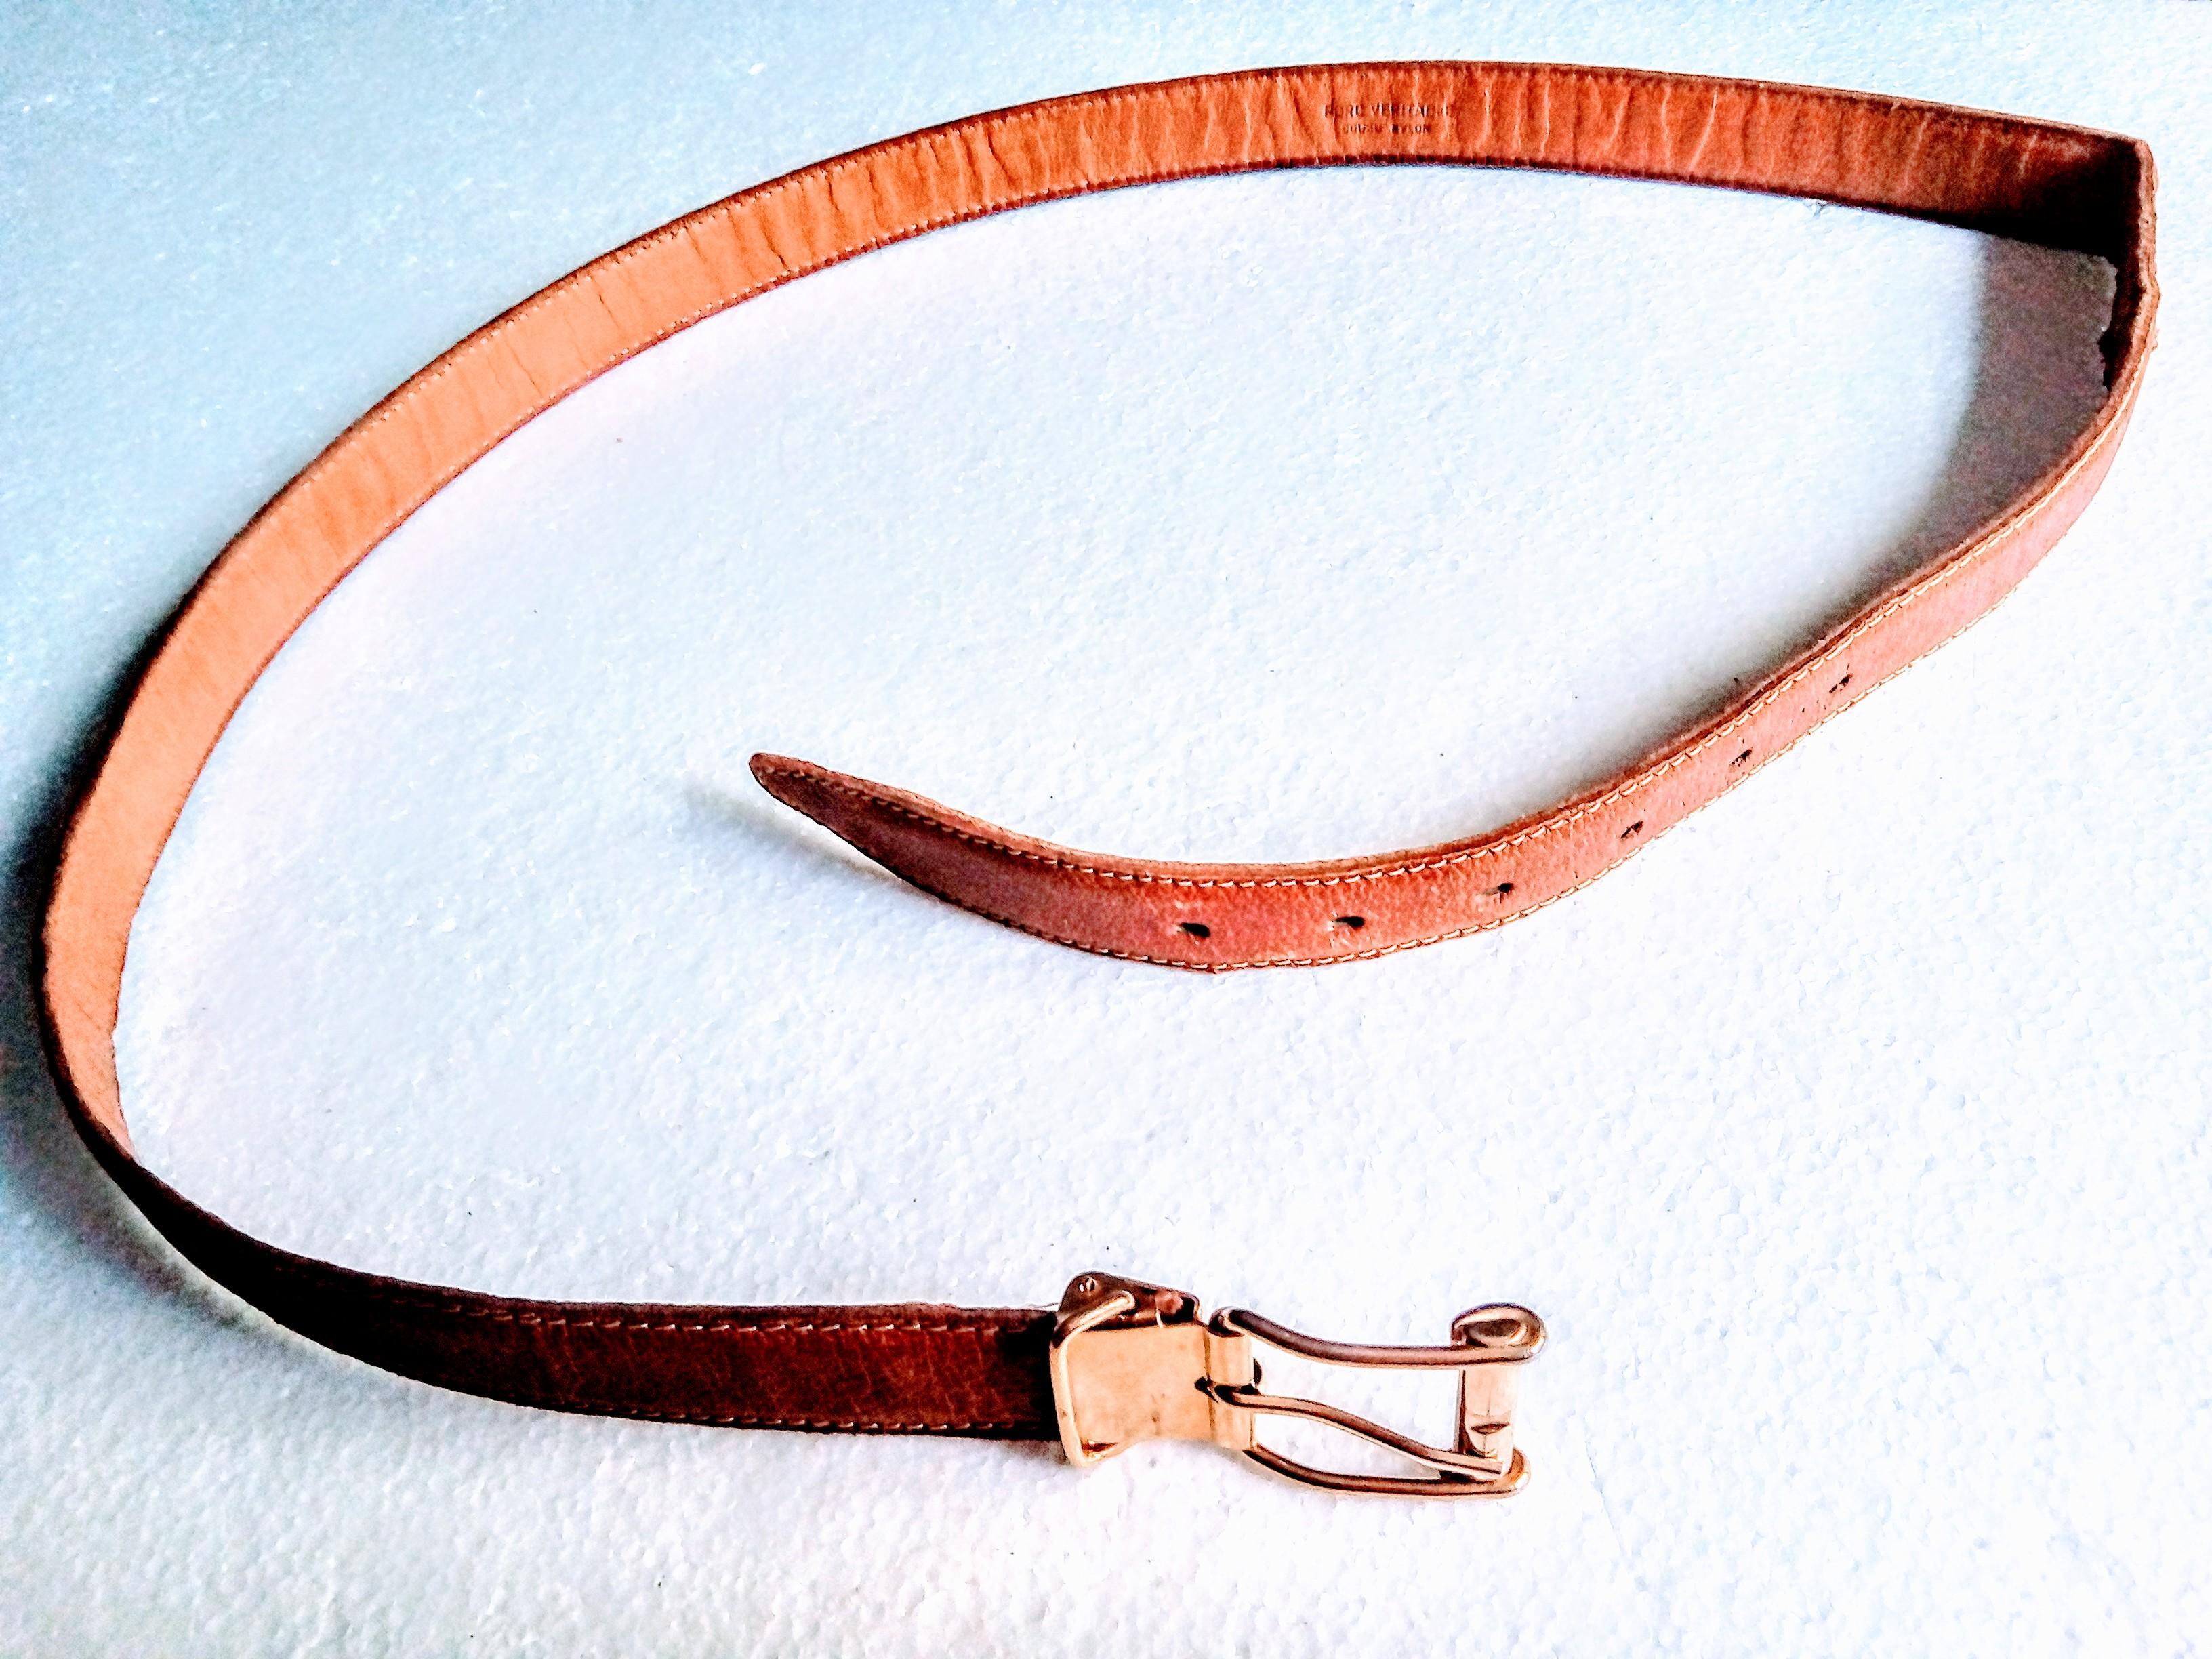 troc de troc ceinture porc image 1